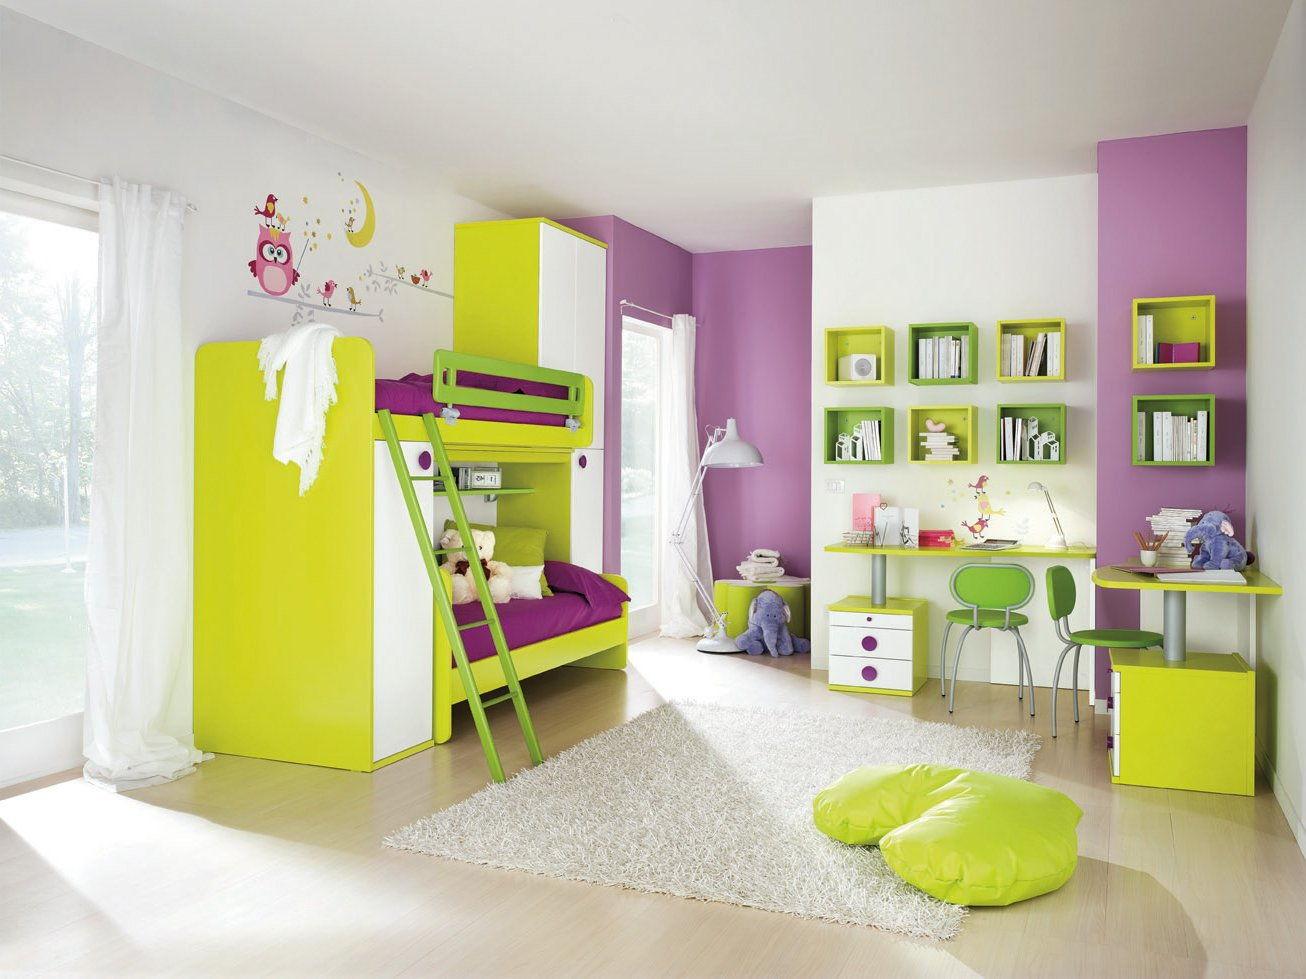 Советы и рекомендации по оформлению стен в детских комнатах